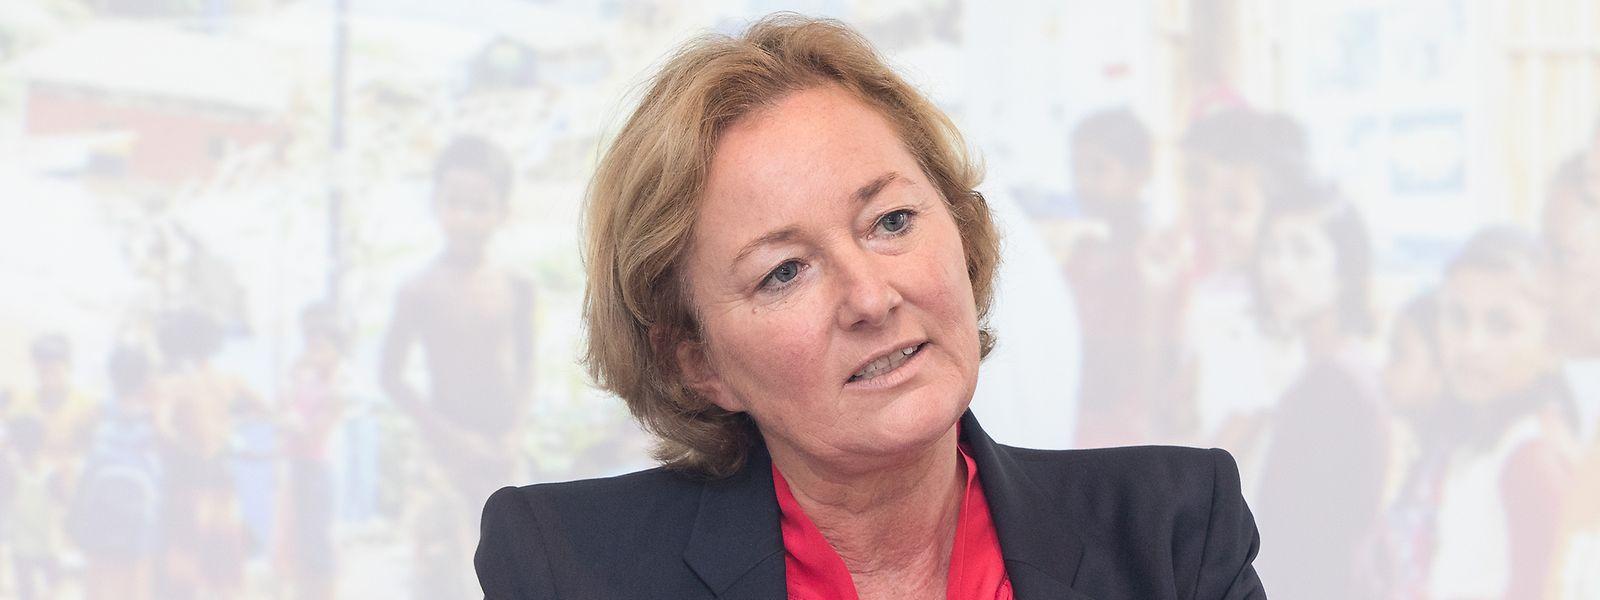 Paulette Lenert betont die Wichtigkeit humanitärer Hilfe.